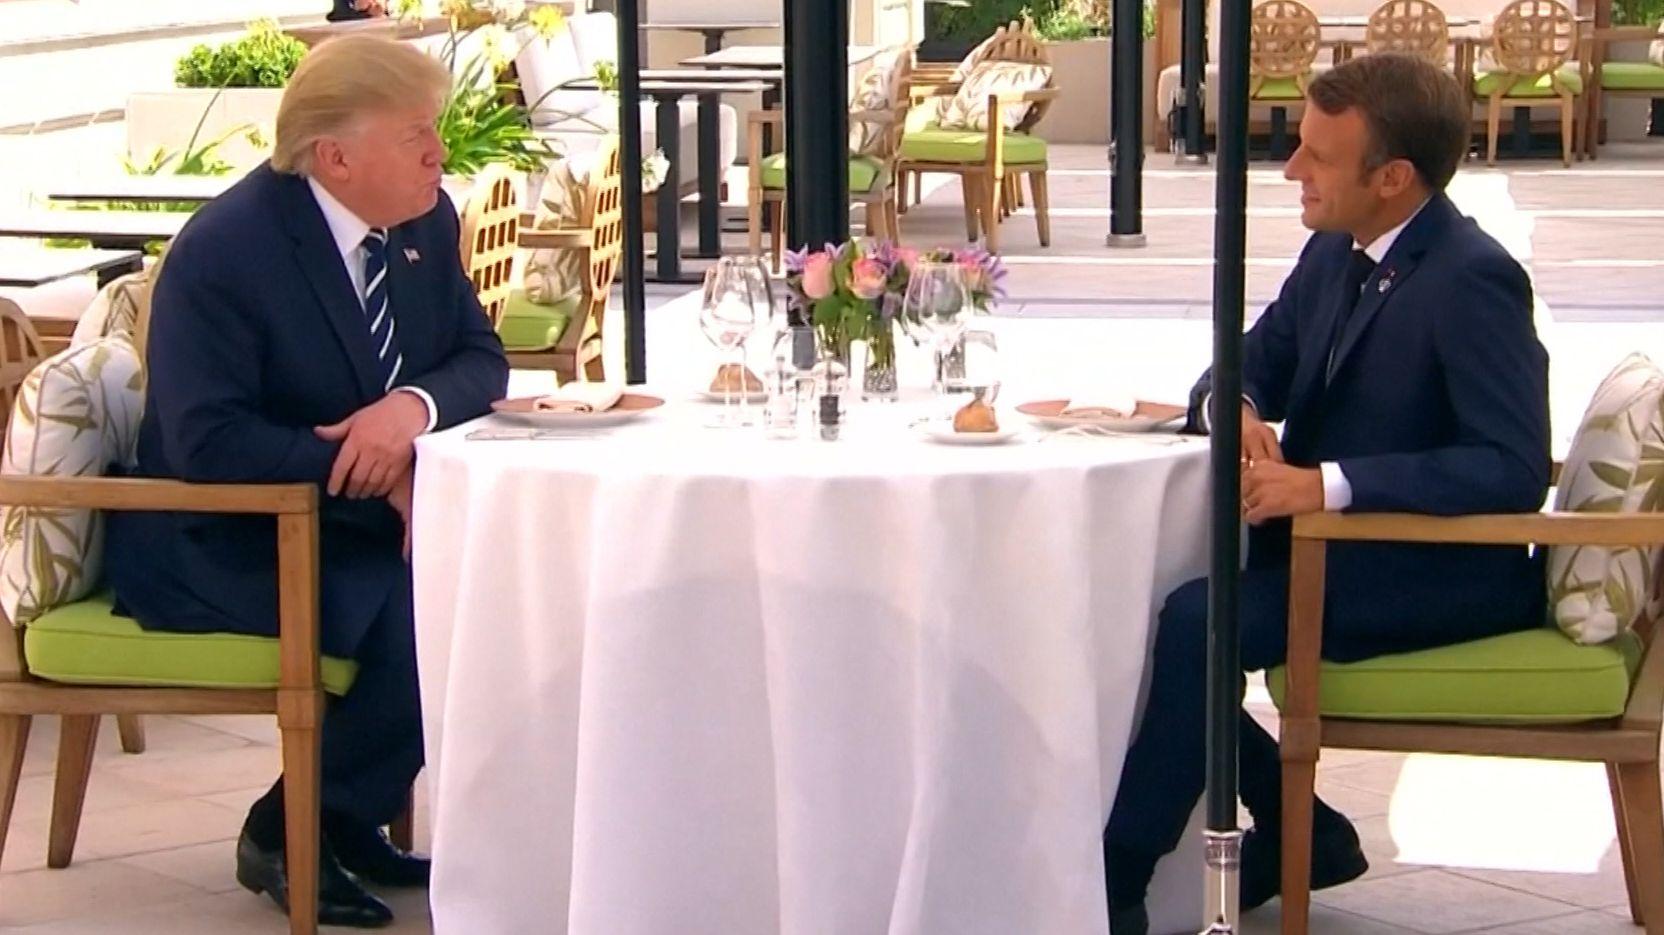 Völlig unerwartet war Irans Außenminister zum G7-Gipfel in Biarritz eingetroffen. Die Blitzvisite wirbelte den Zeitplan des Treffens gehörig durcheinander. Trotzdem wurden auch Beschlüsse gefasst.